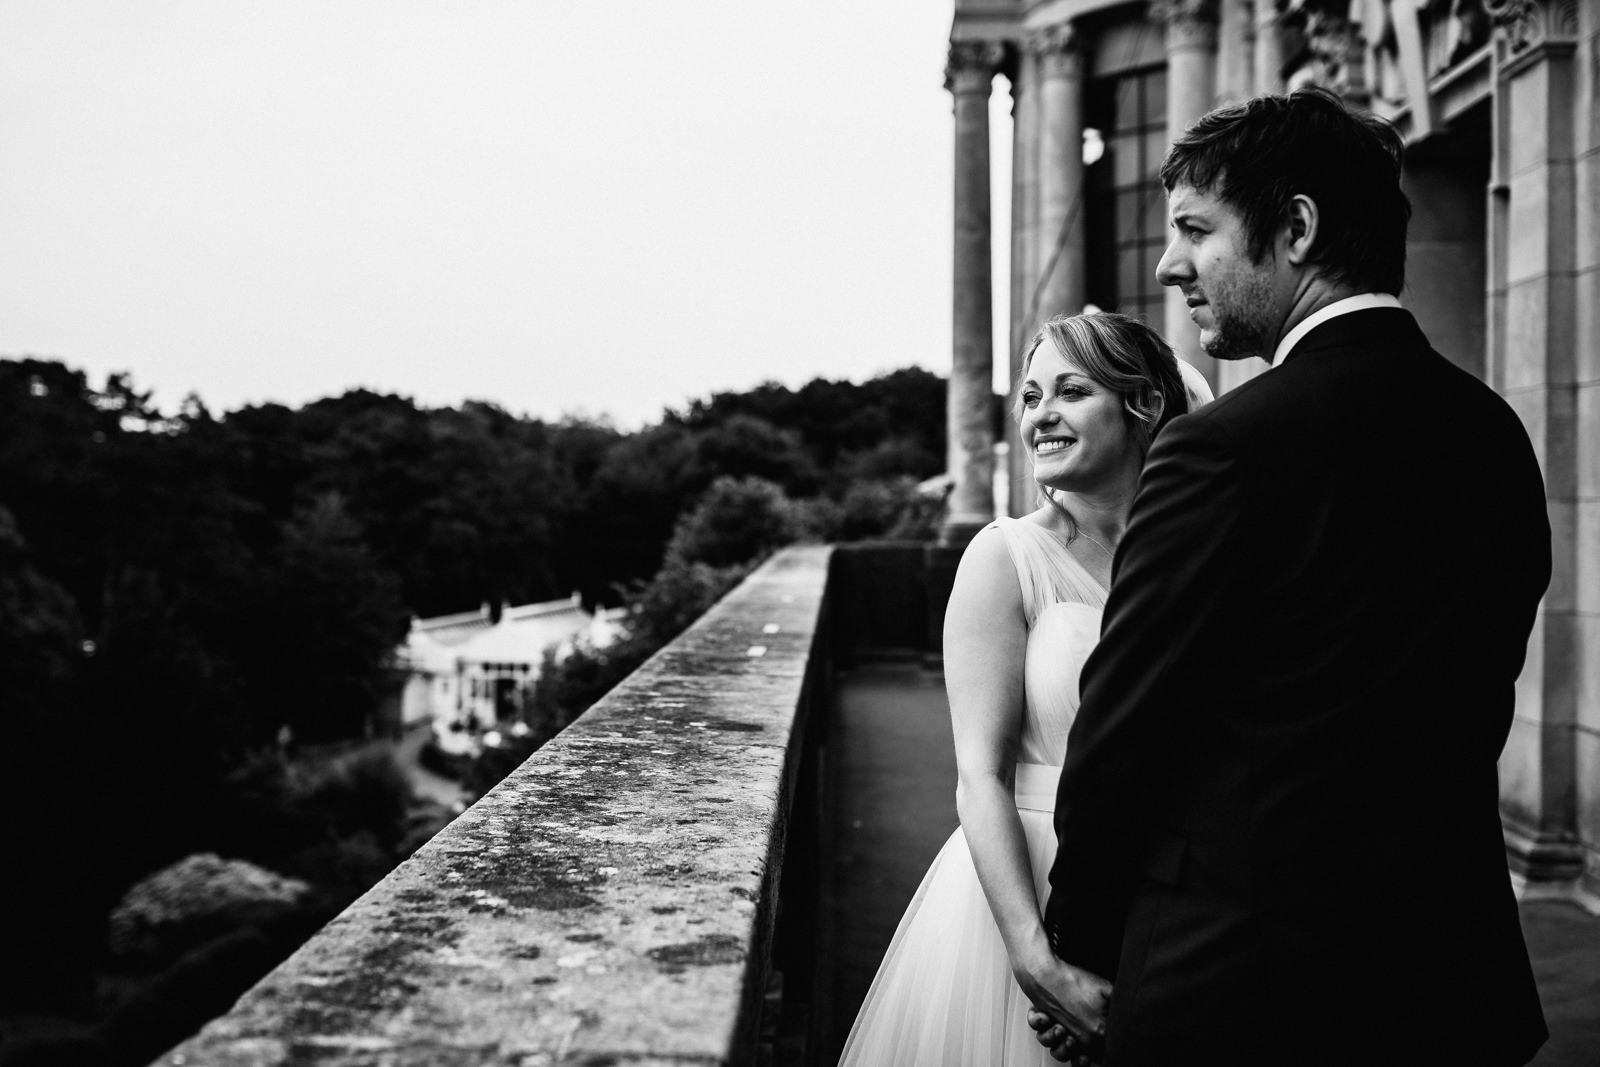 Asthton memorial wedding photographer